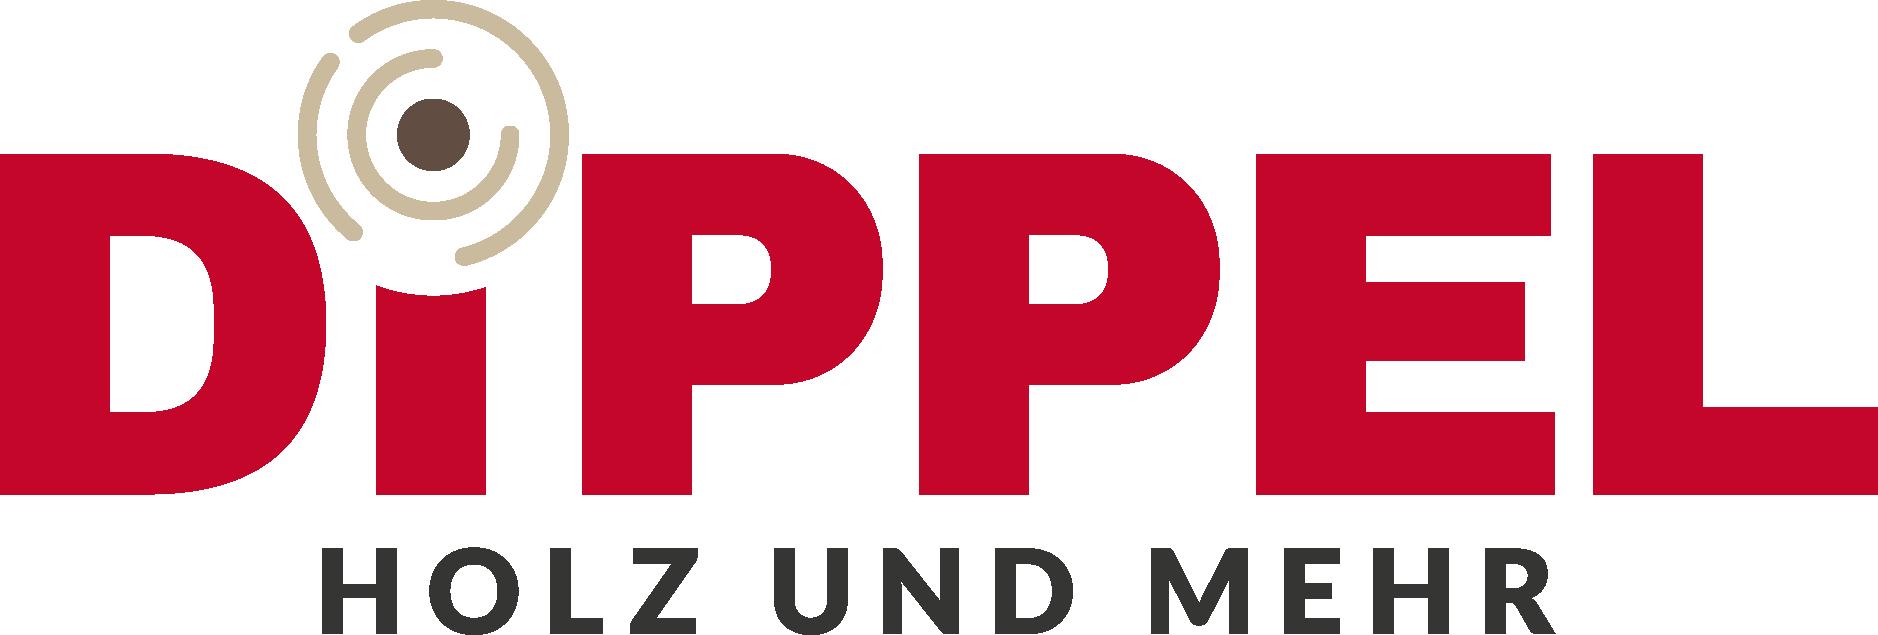 Holz Dippel GmbH